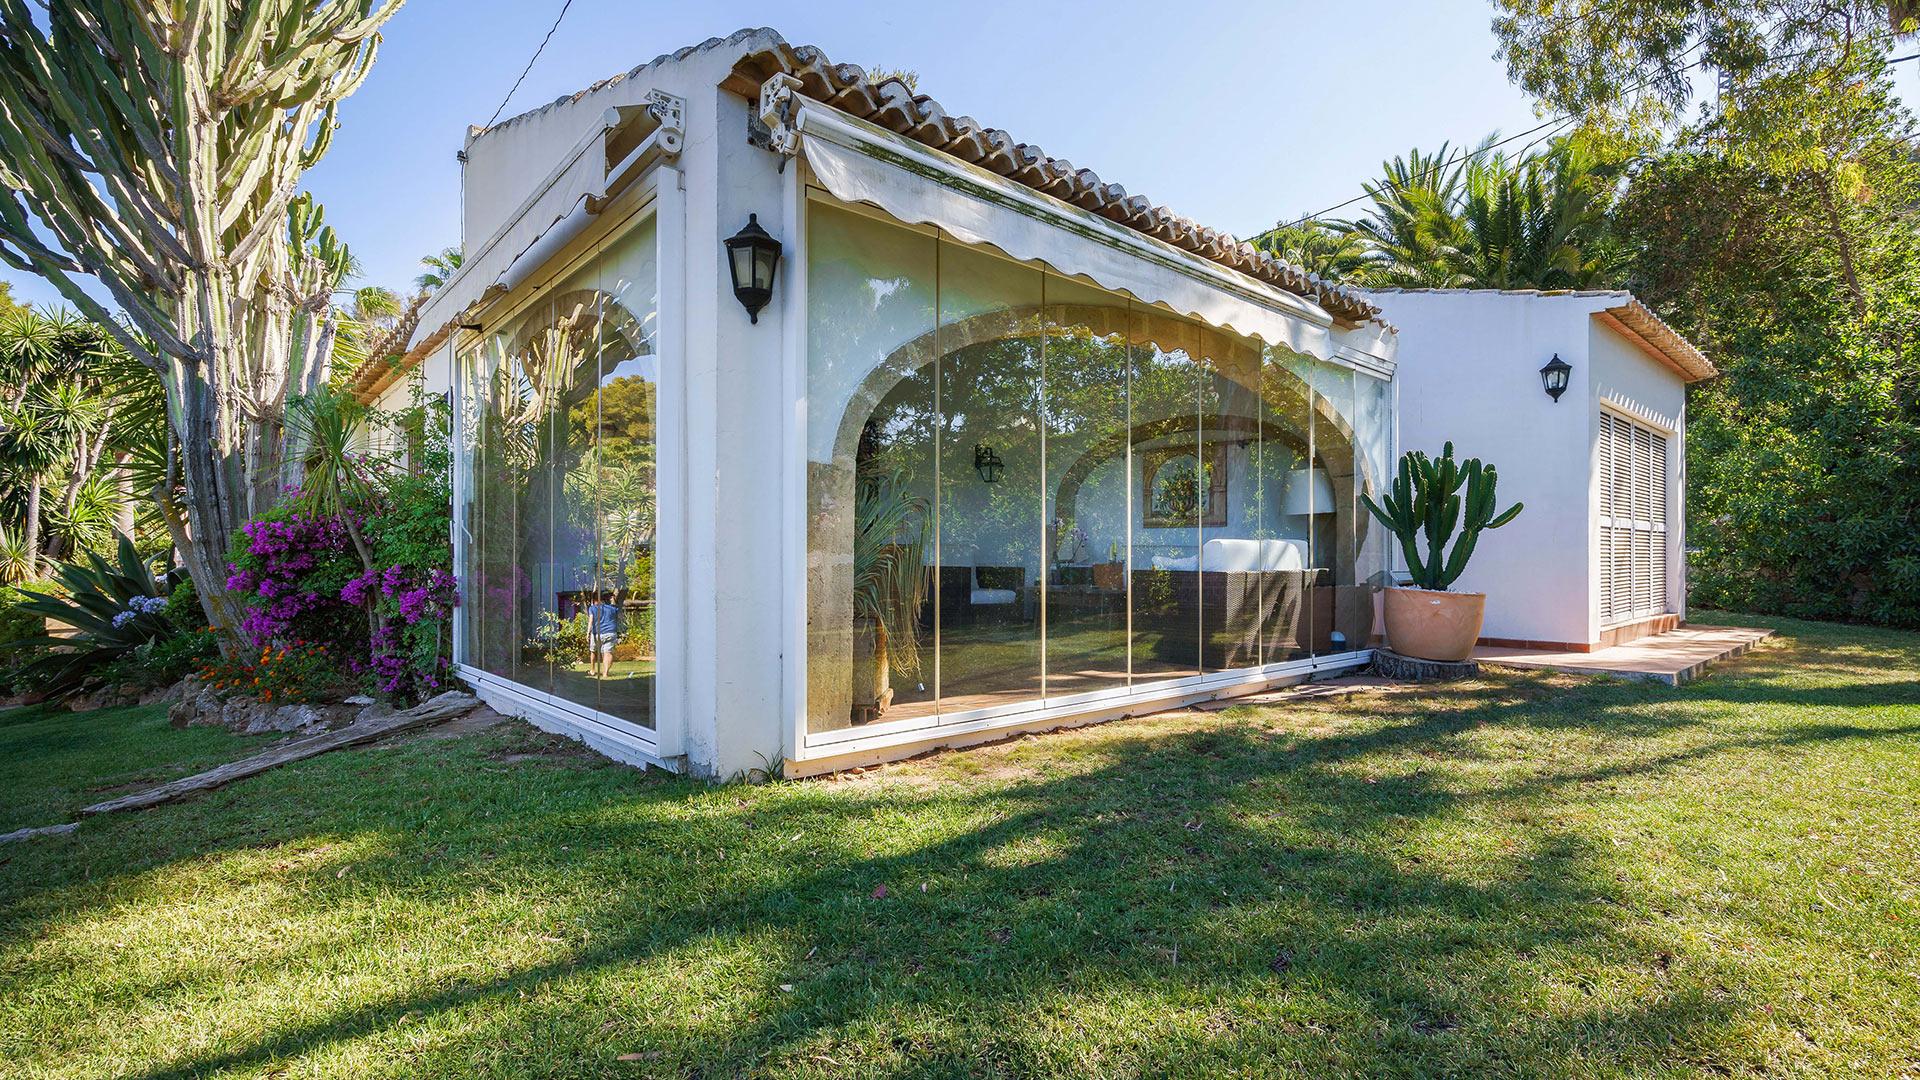 Villa Villa Buena Vista, Rental in Costa Blanca